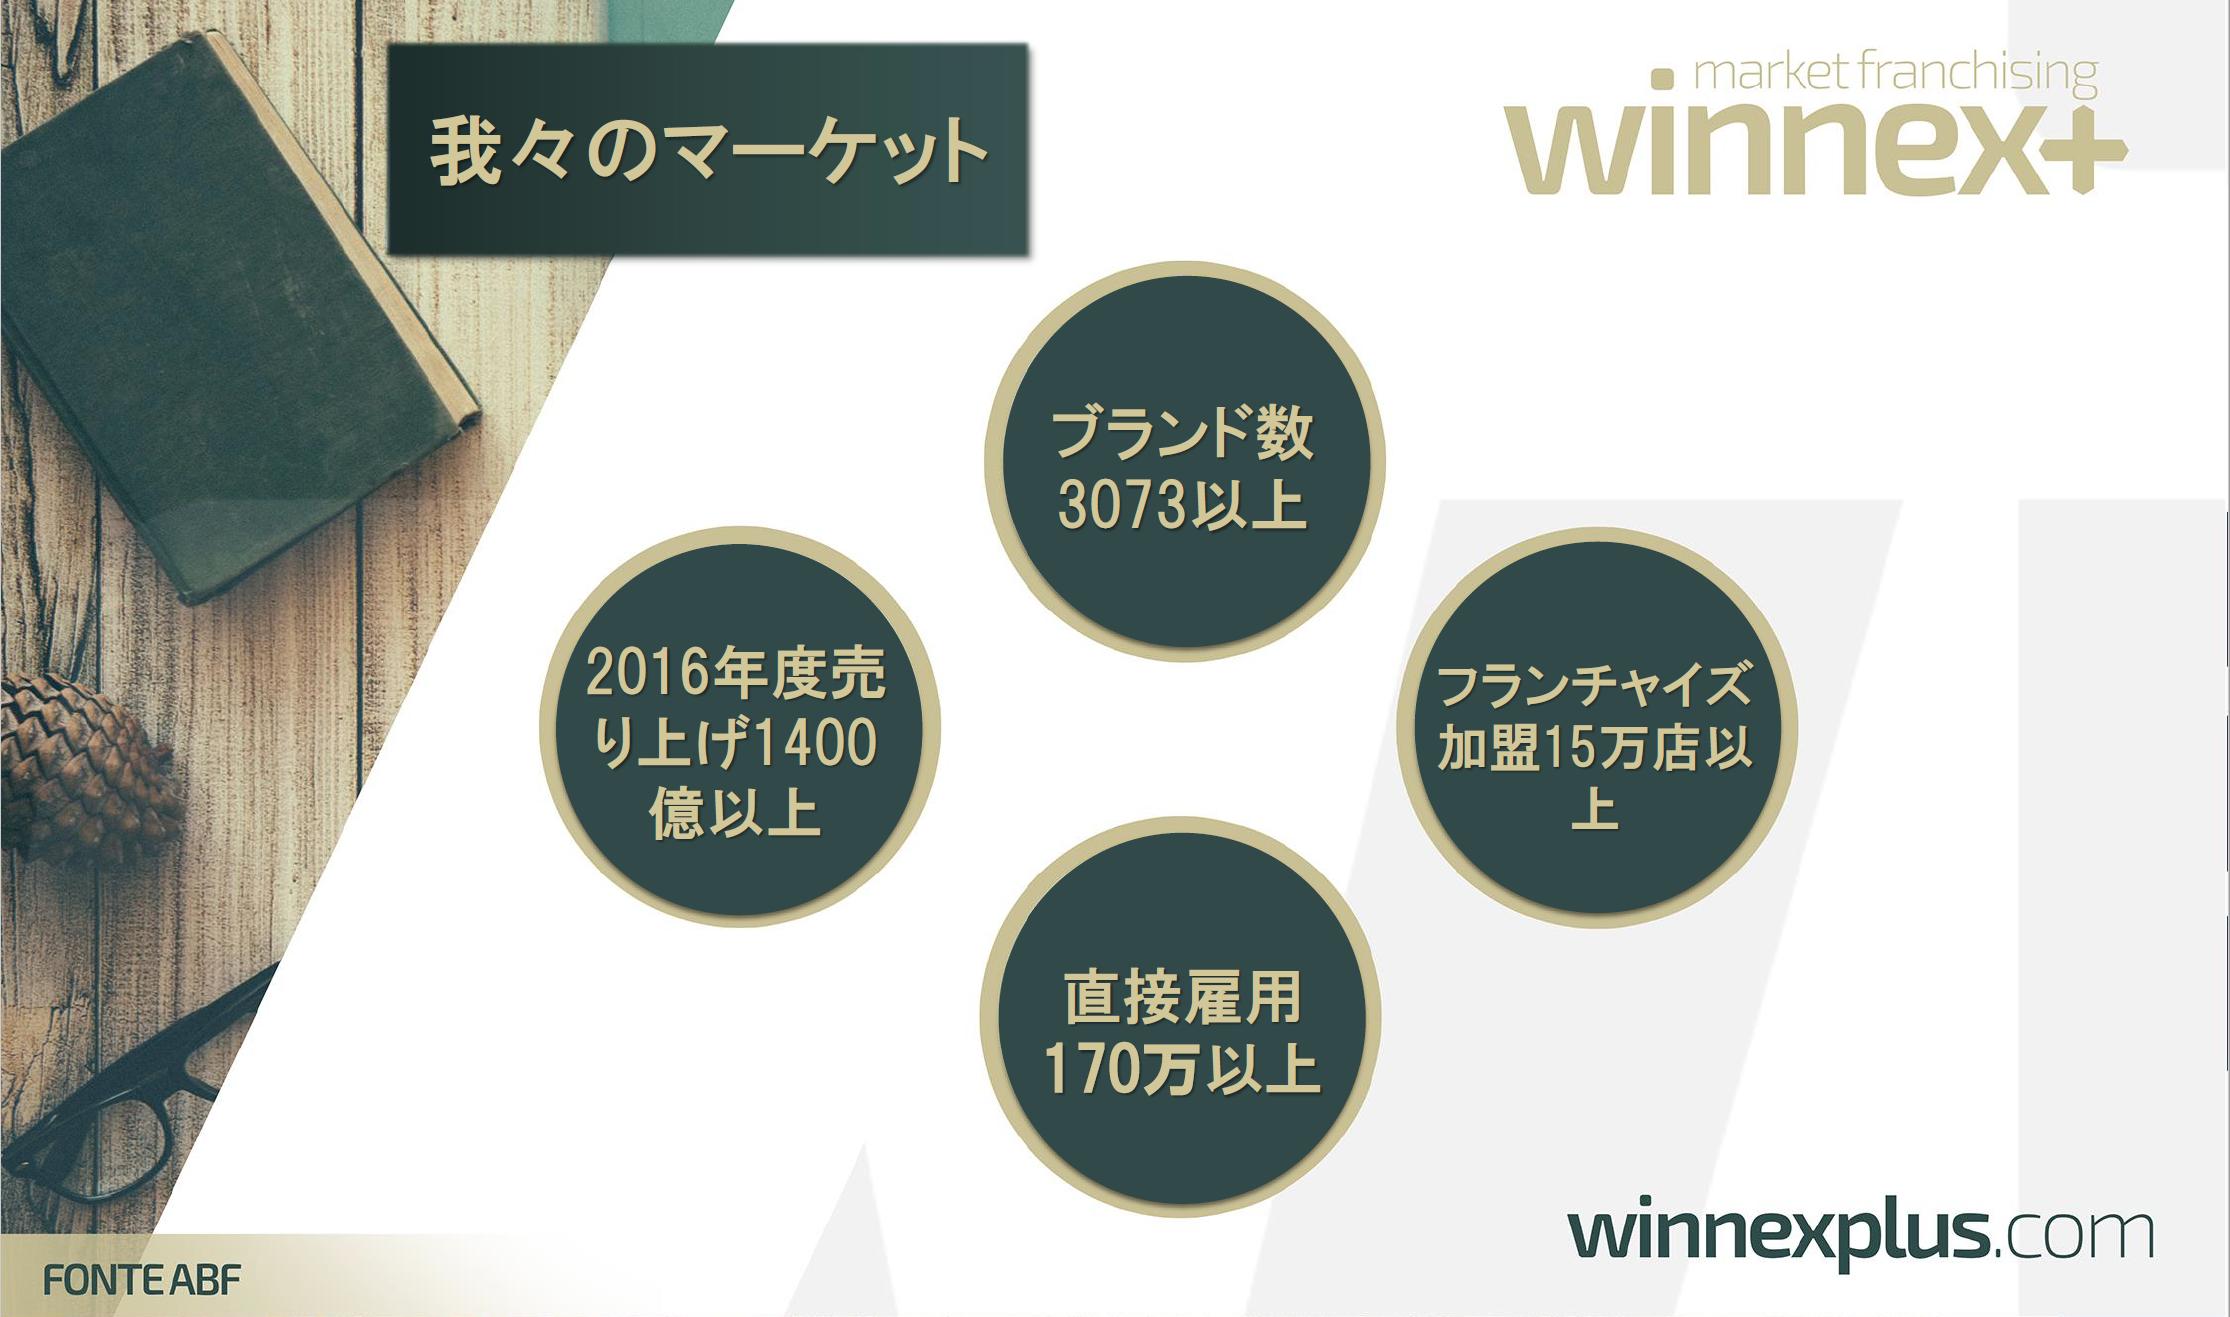 winnexplus